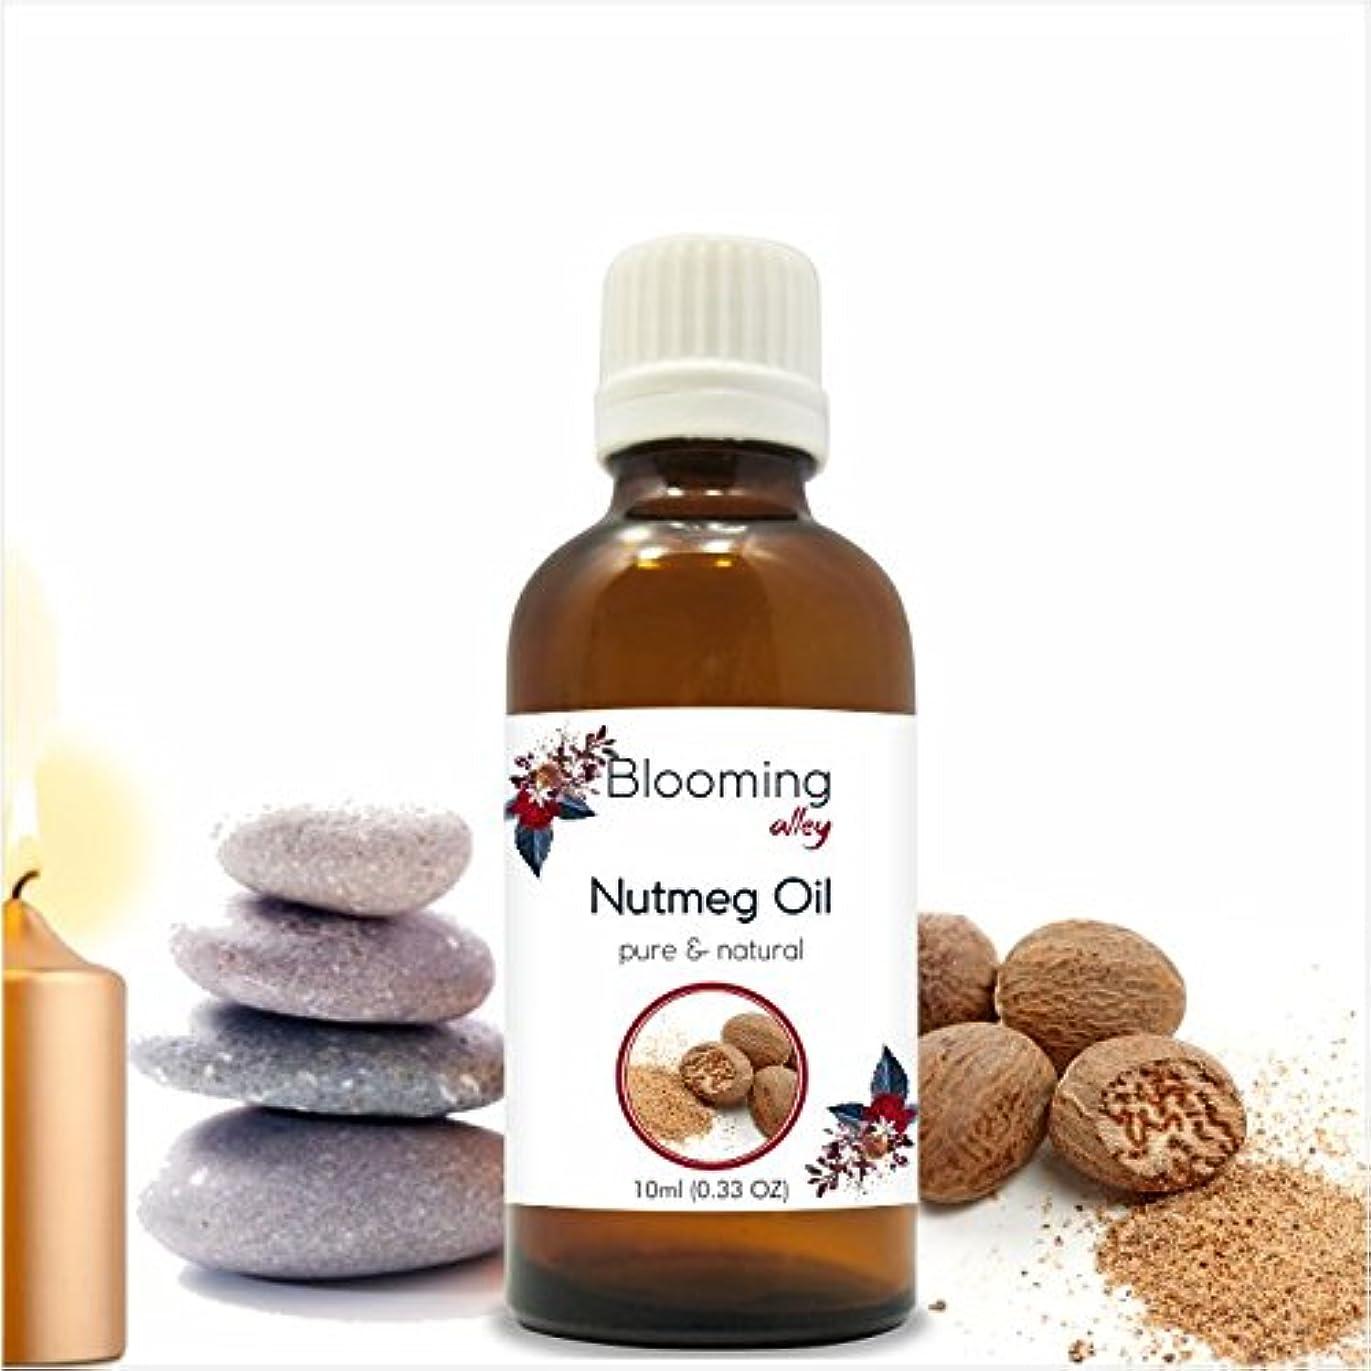 Nutmeg Oil (Myristica Fragrans) Essential Oil 10 ml or 0.33 Fl Oz by Blooming Alley